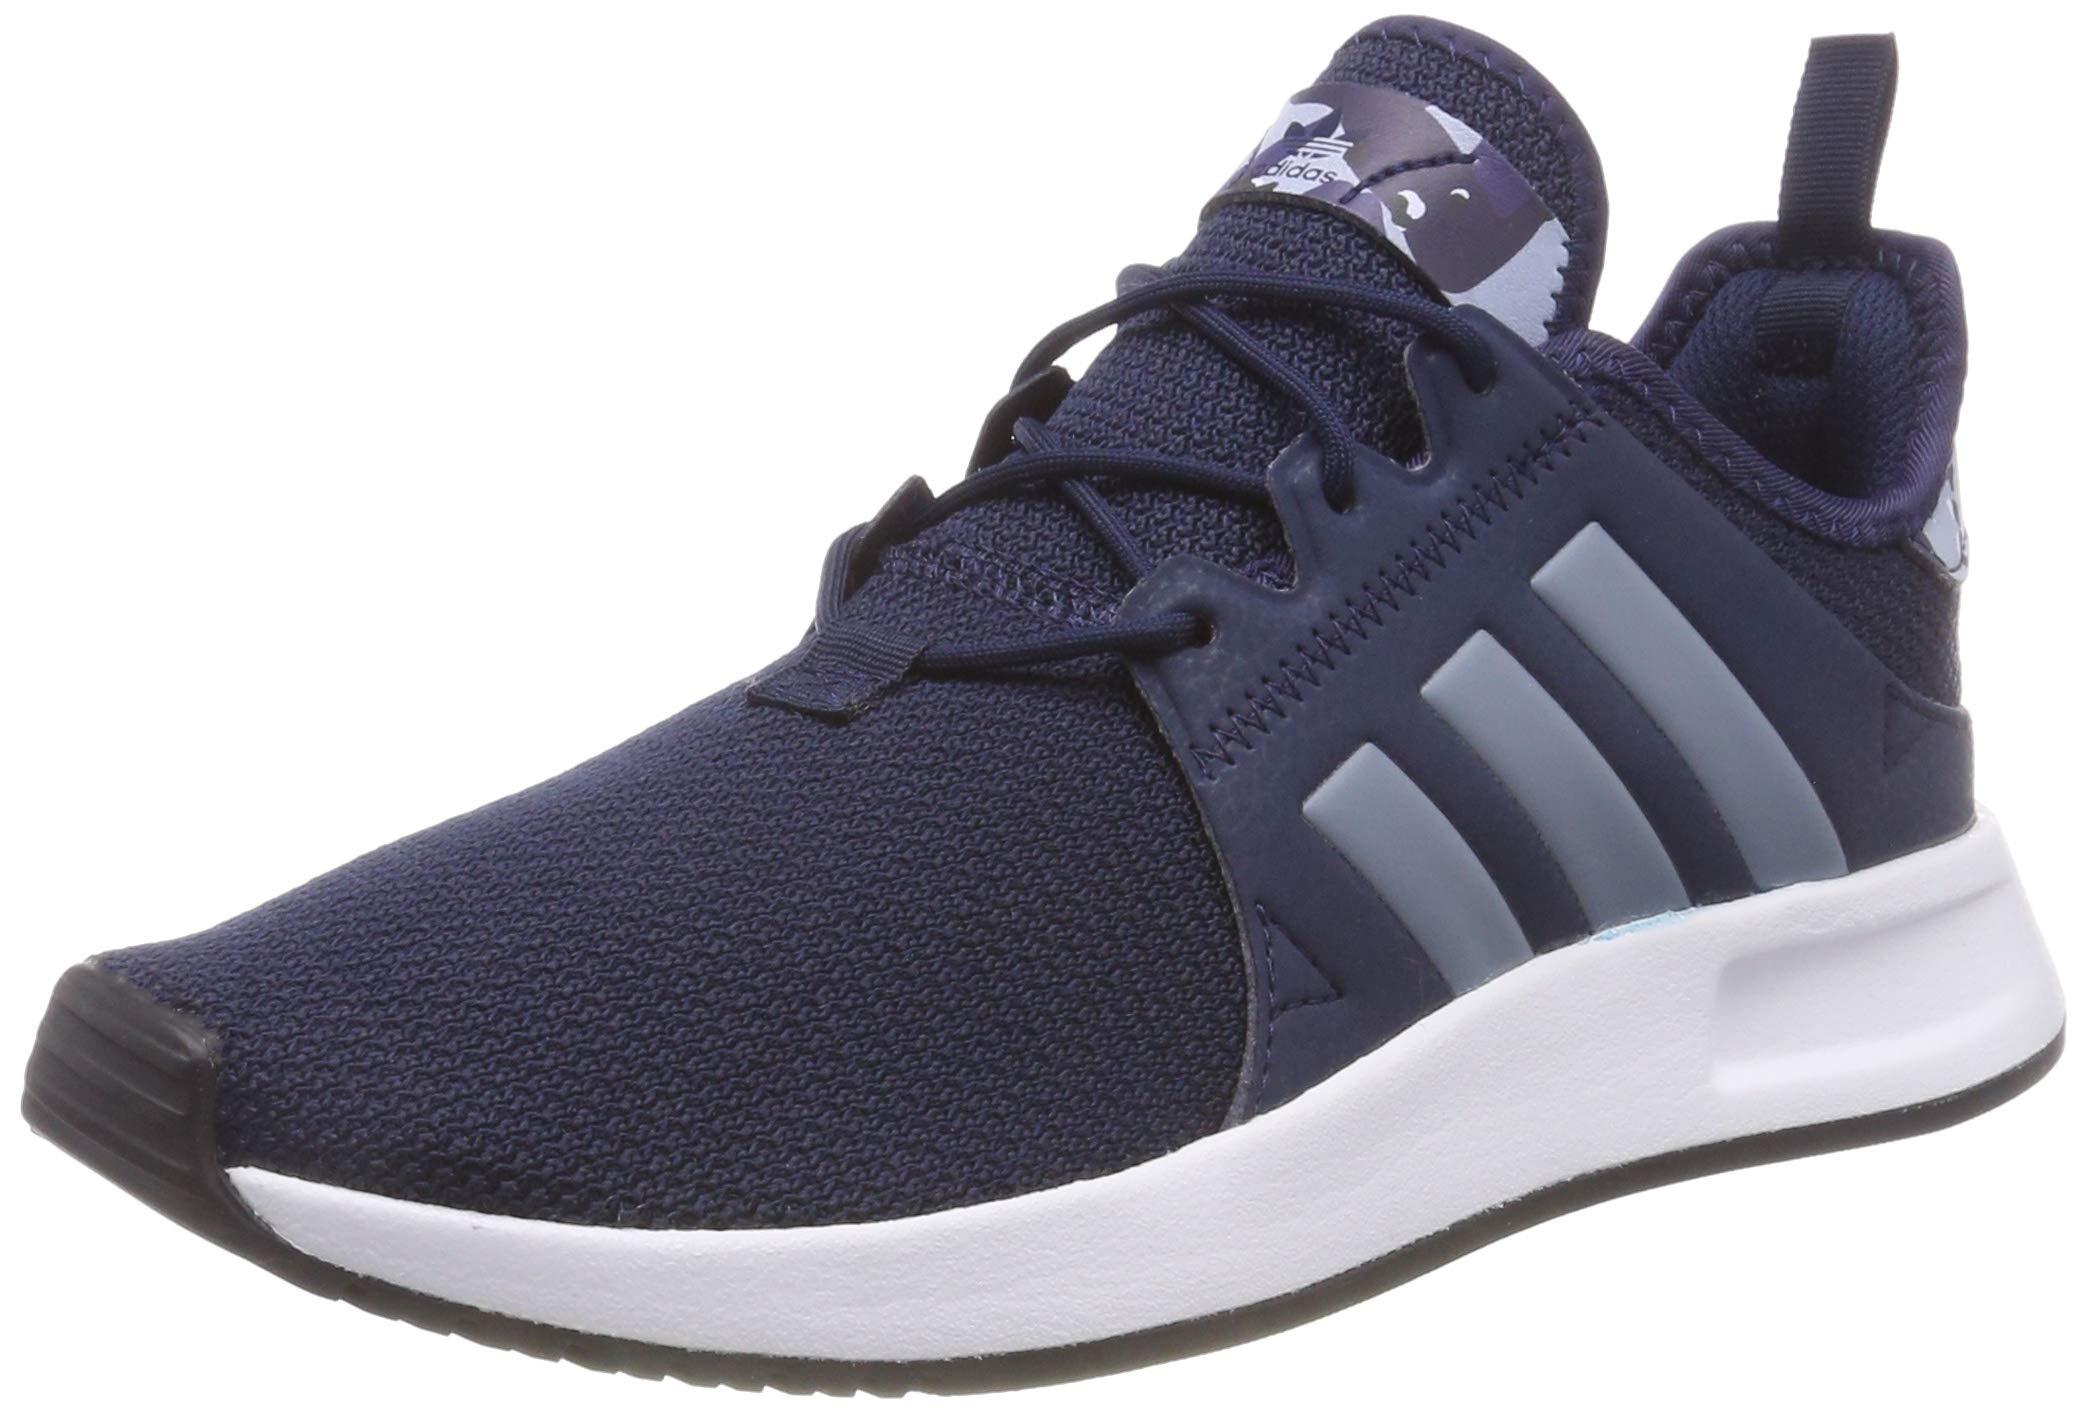 2017 Online Shop Billig Neu Schuhe ADIDAS X_PLR SNKRBOOT